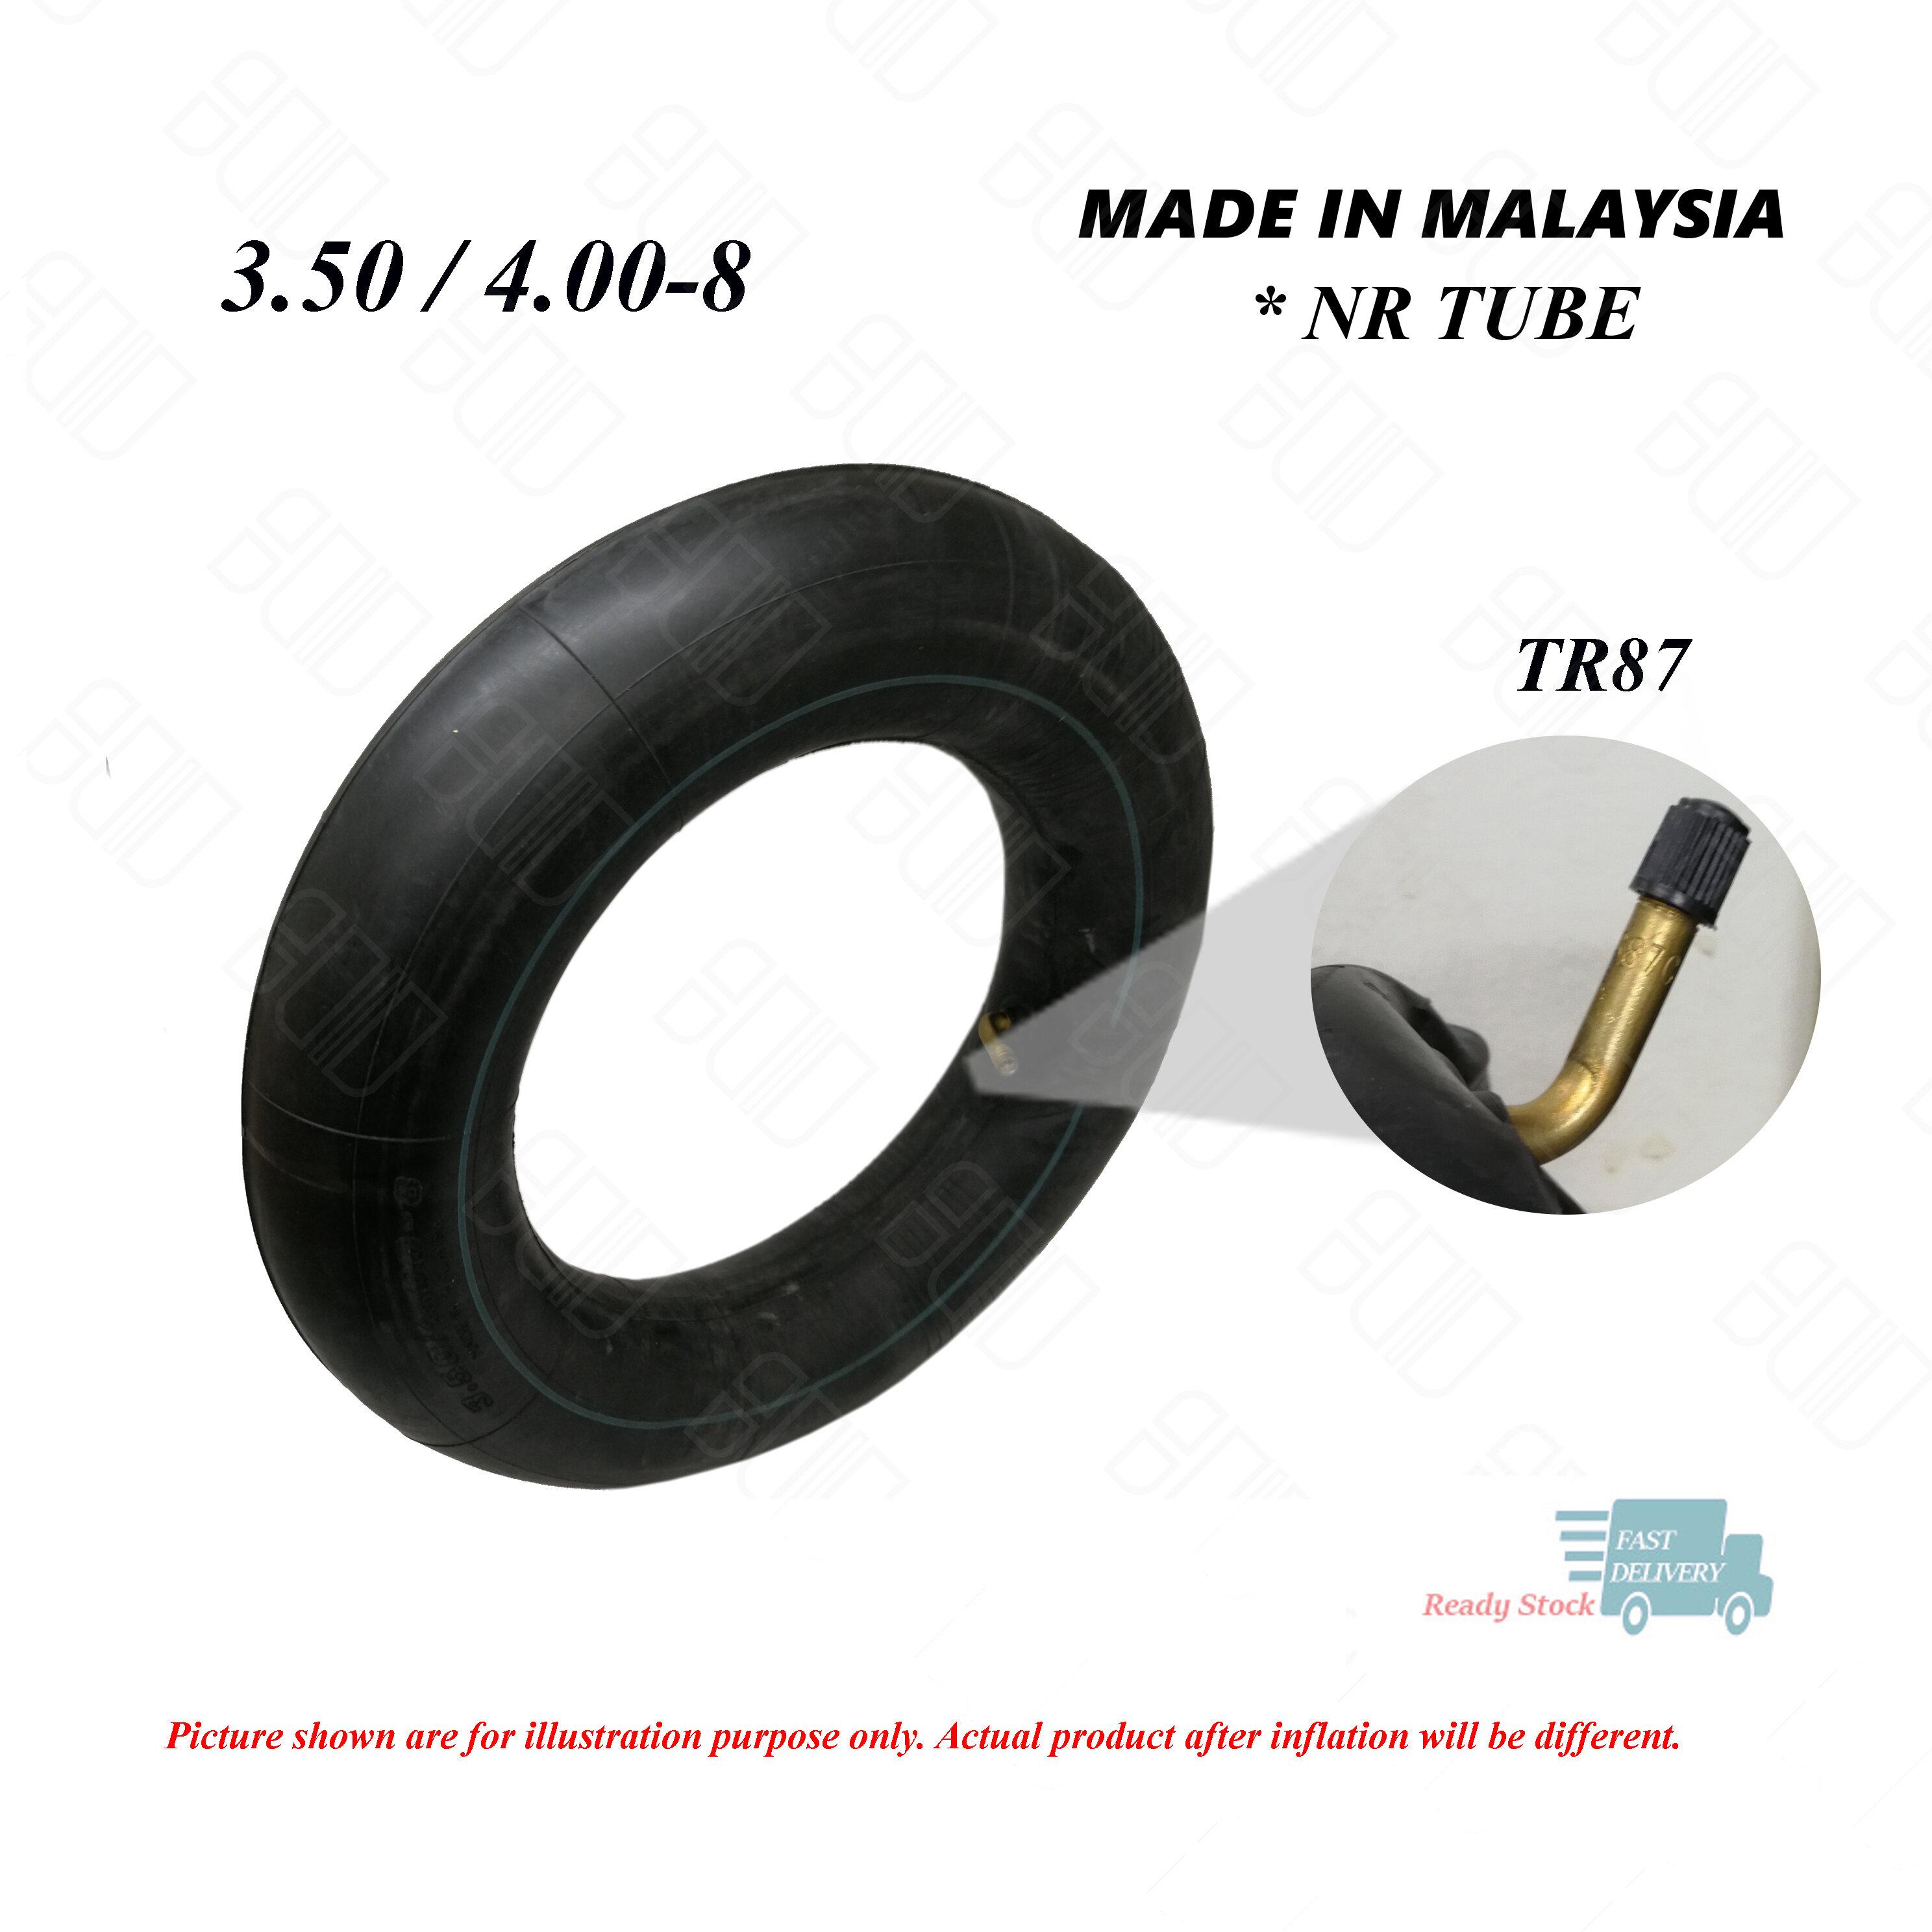 3.25-8 3.00-8 INNER TUBE TR87 STEM FOR FRONT REAR TIRE TWO 3.50-8